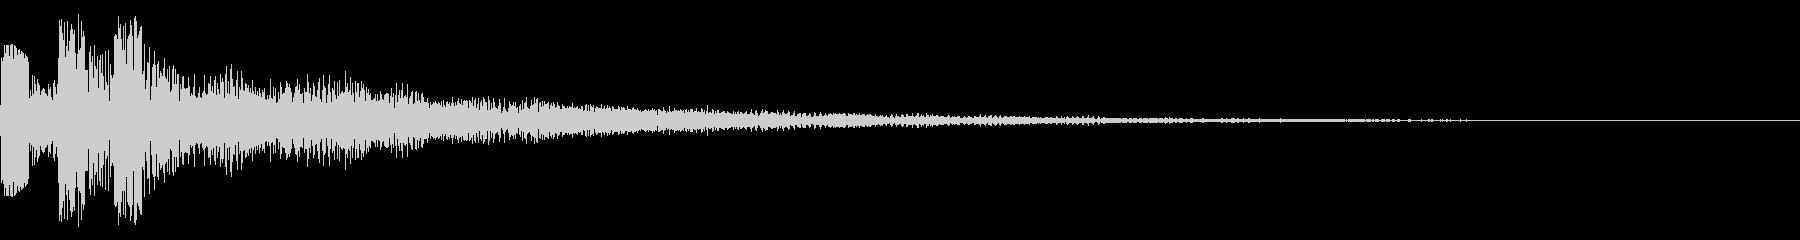 キラキラ/連鎖/コンボ/6回目の未再生の波形